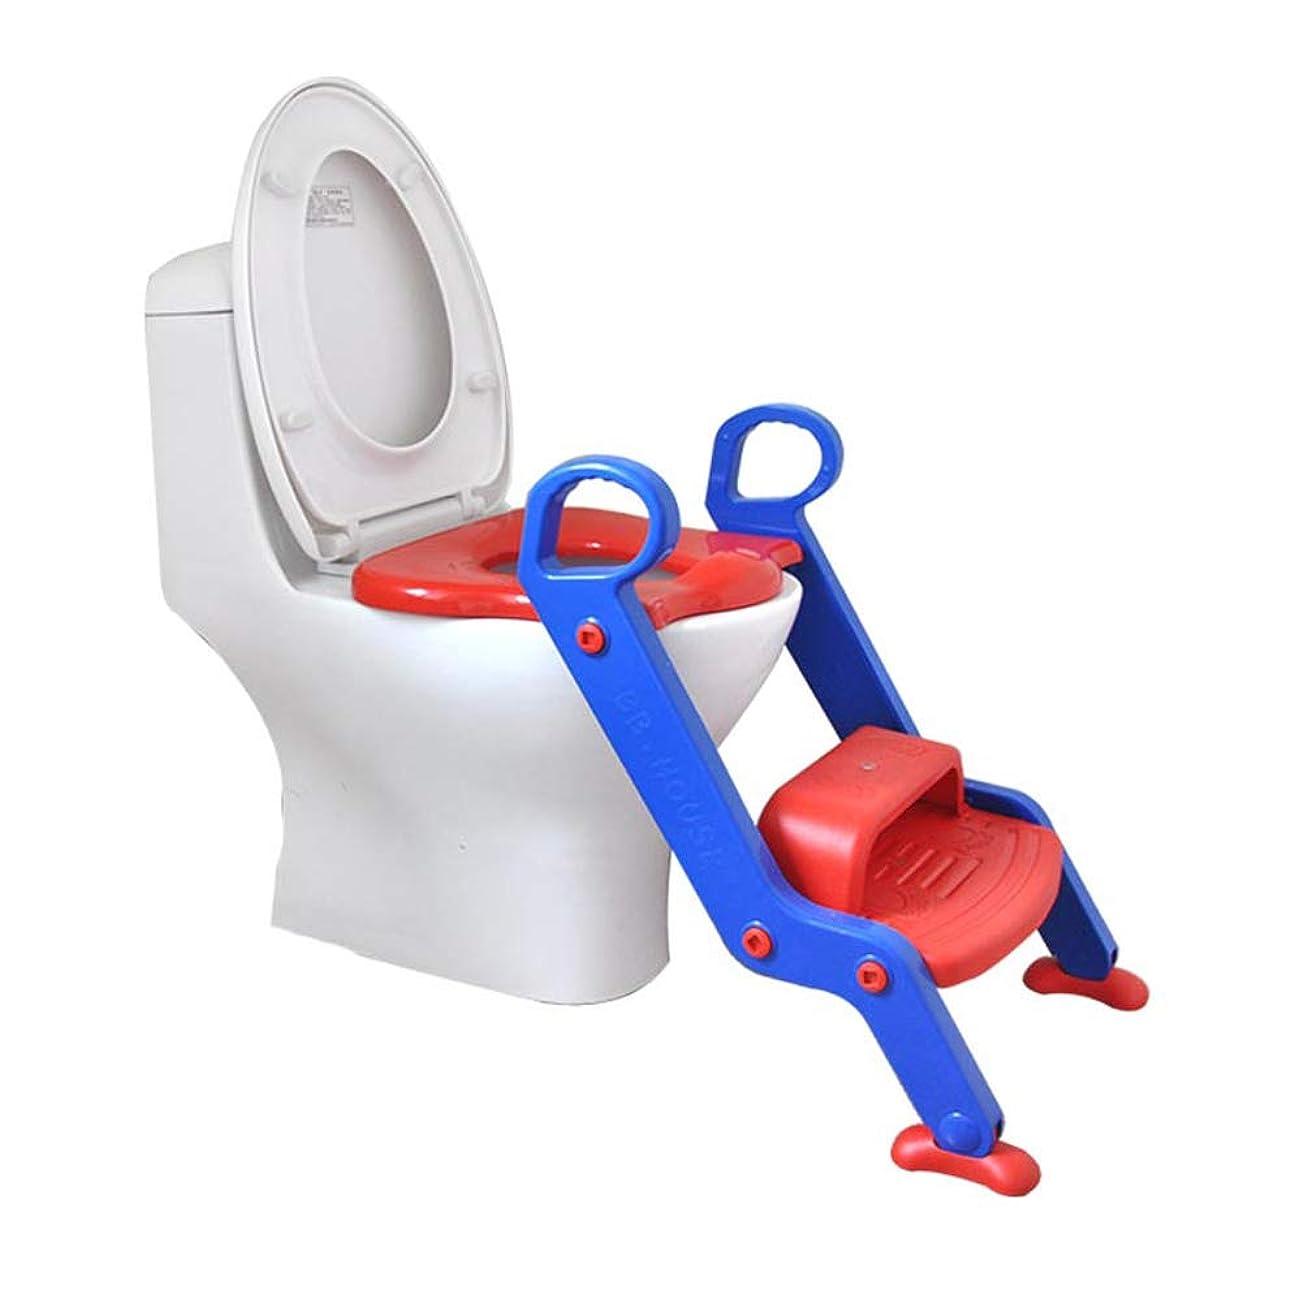 オペラ水素ワーカー階段、ステップラダーと幼児のトイレトレーニングシートチェア付きトイレトレーニングの便座、非は調節可能なスリップ、男の子と女の子のためのダブルアームレスト、スプラッシュガード、